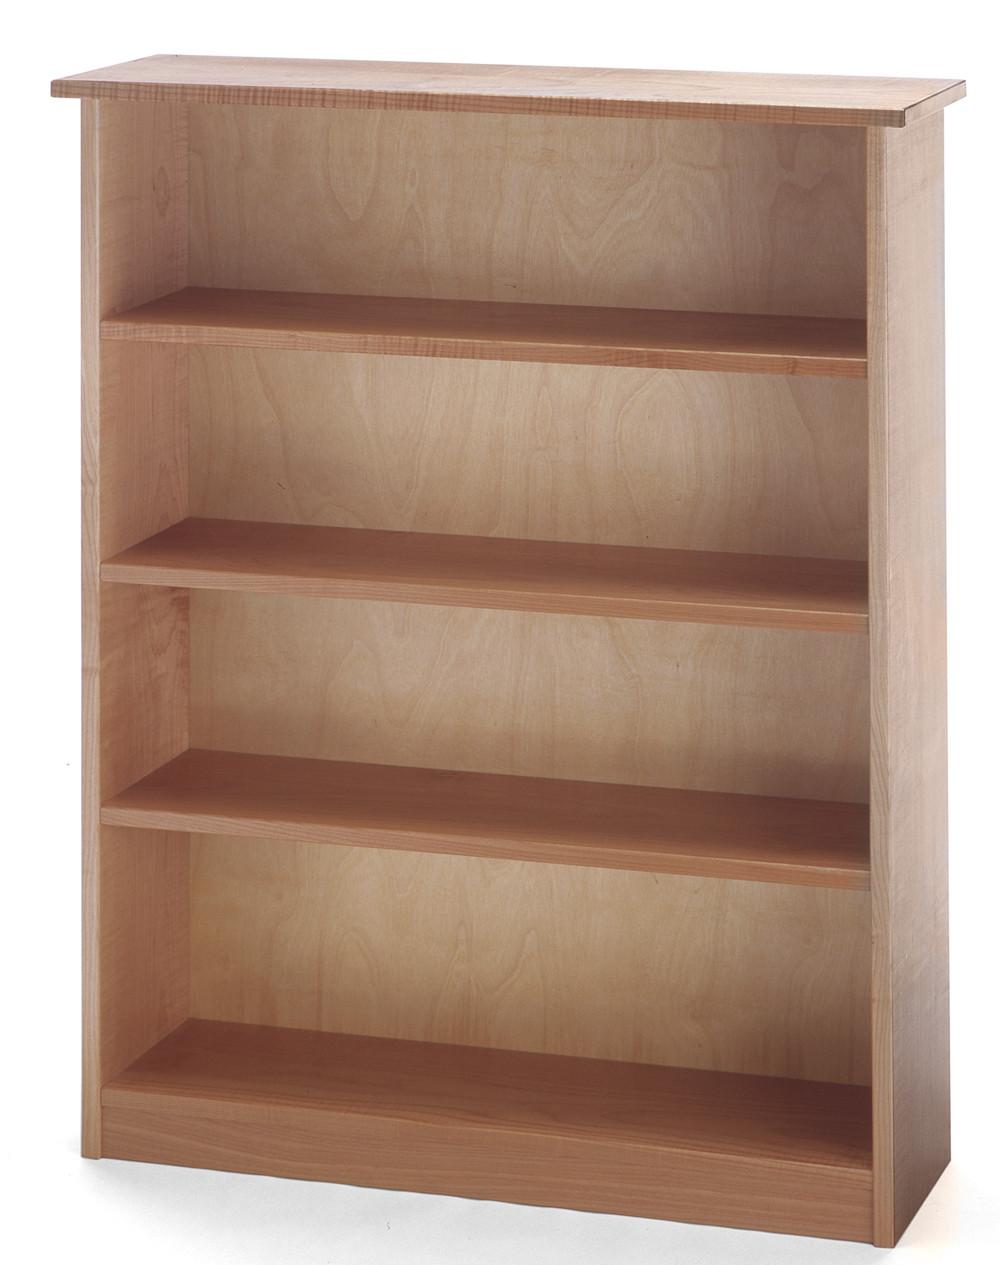 Pacific Rim Furniture Bookcase Maple Grace